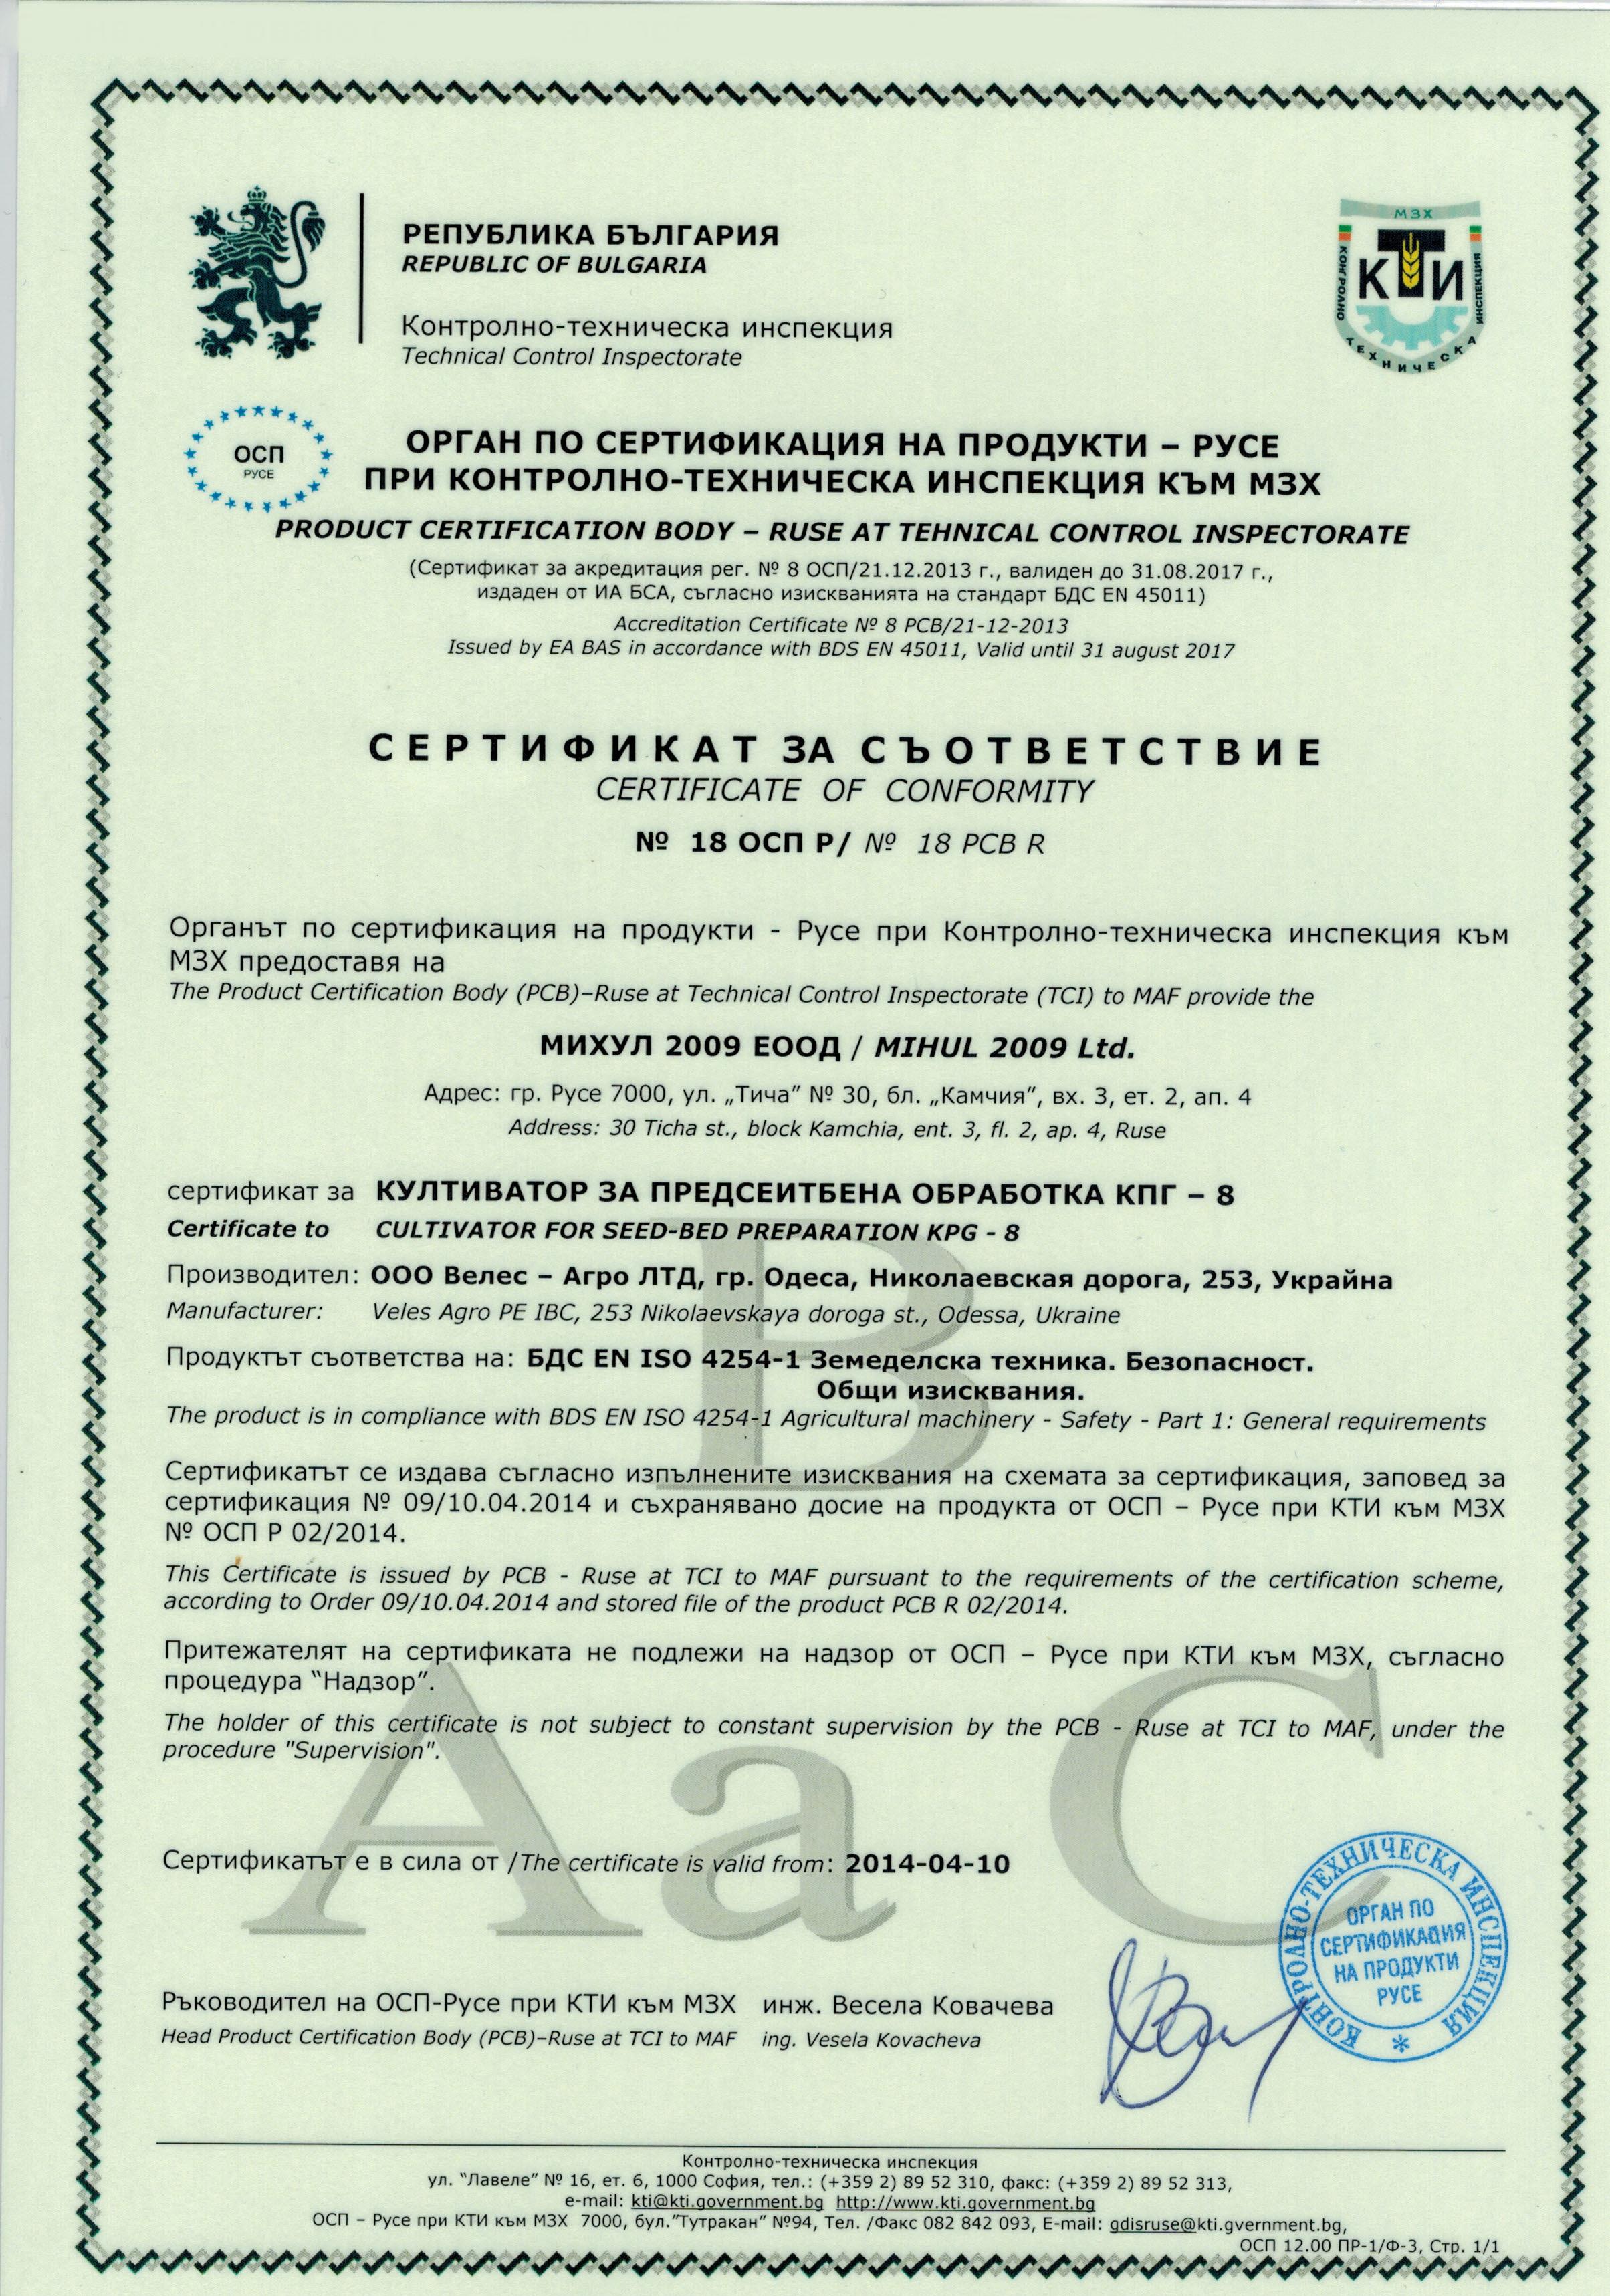 Сертификат соответствия на культиватор КПГ-8 Велес Агро